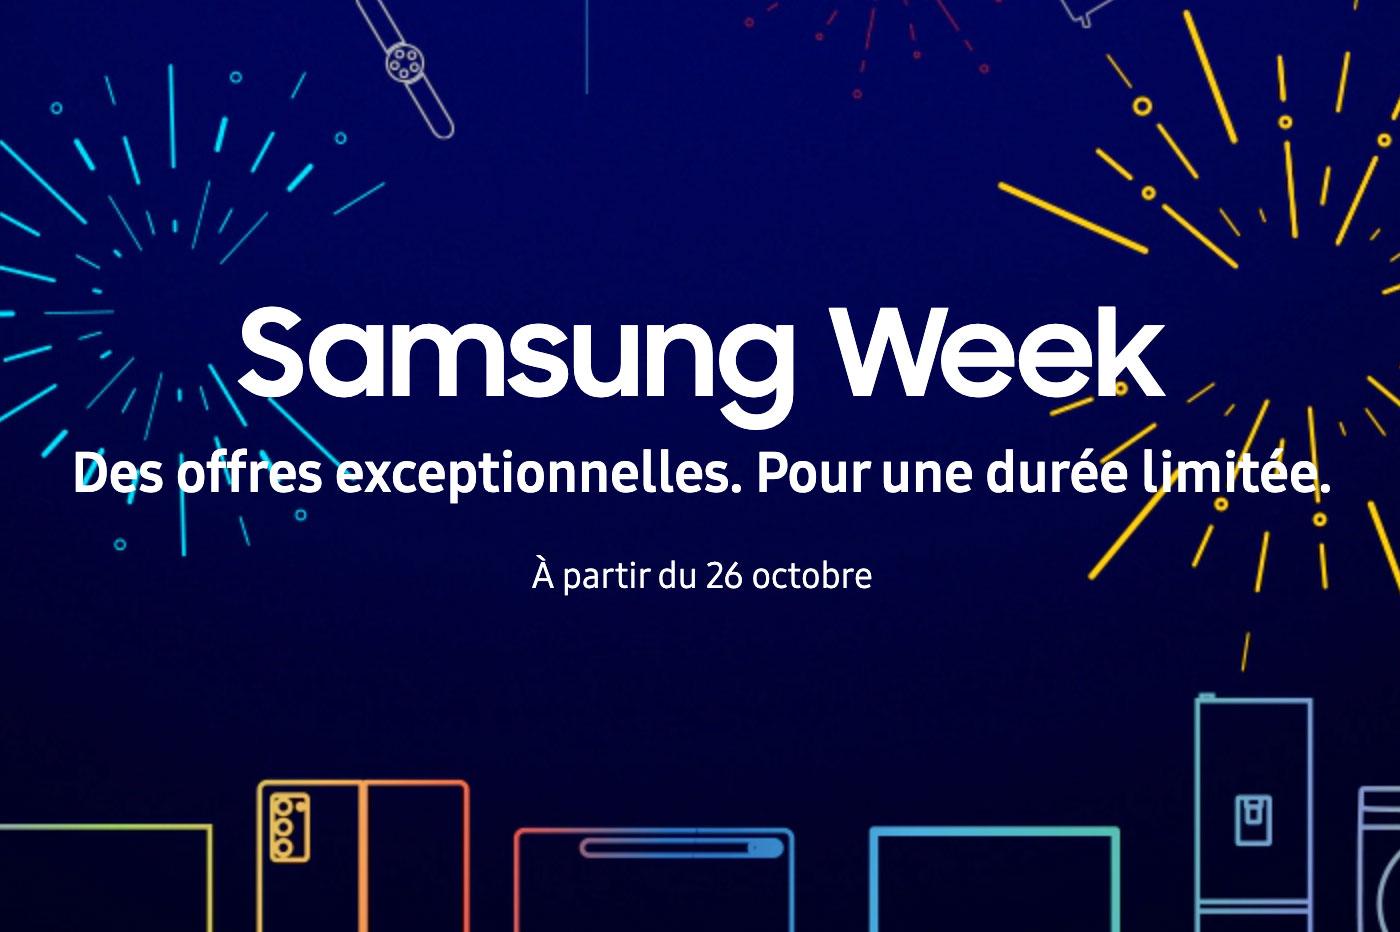 Samsung Week: les Galaxy S20, TV et autres tablettes sont à prix cassé 🔥